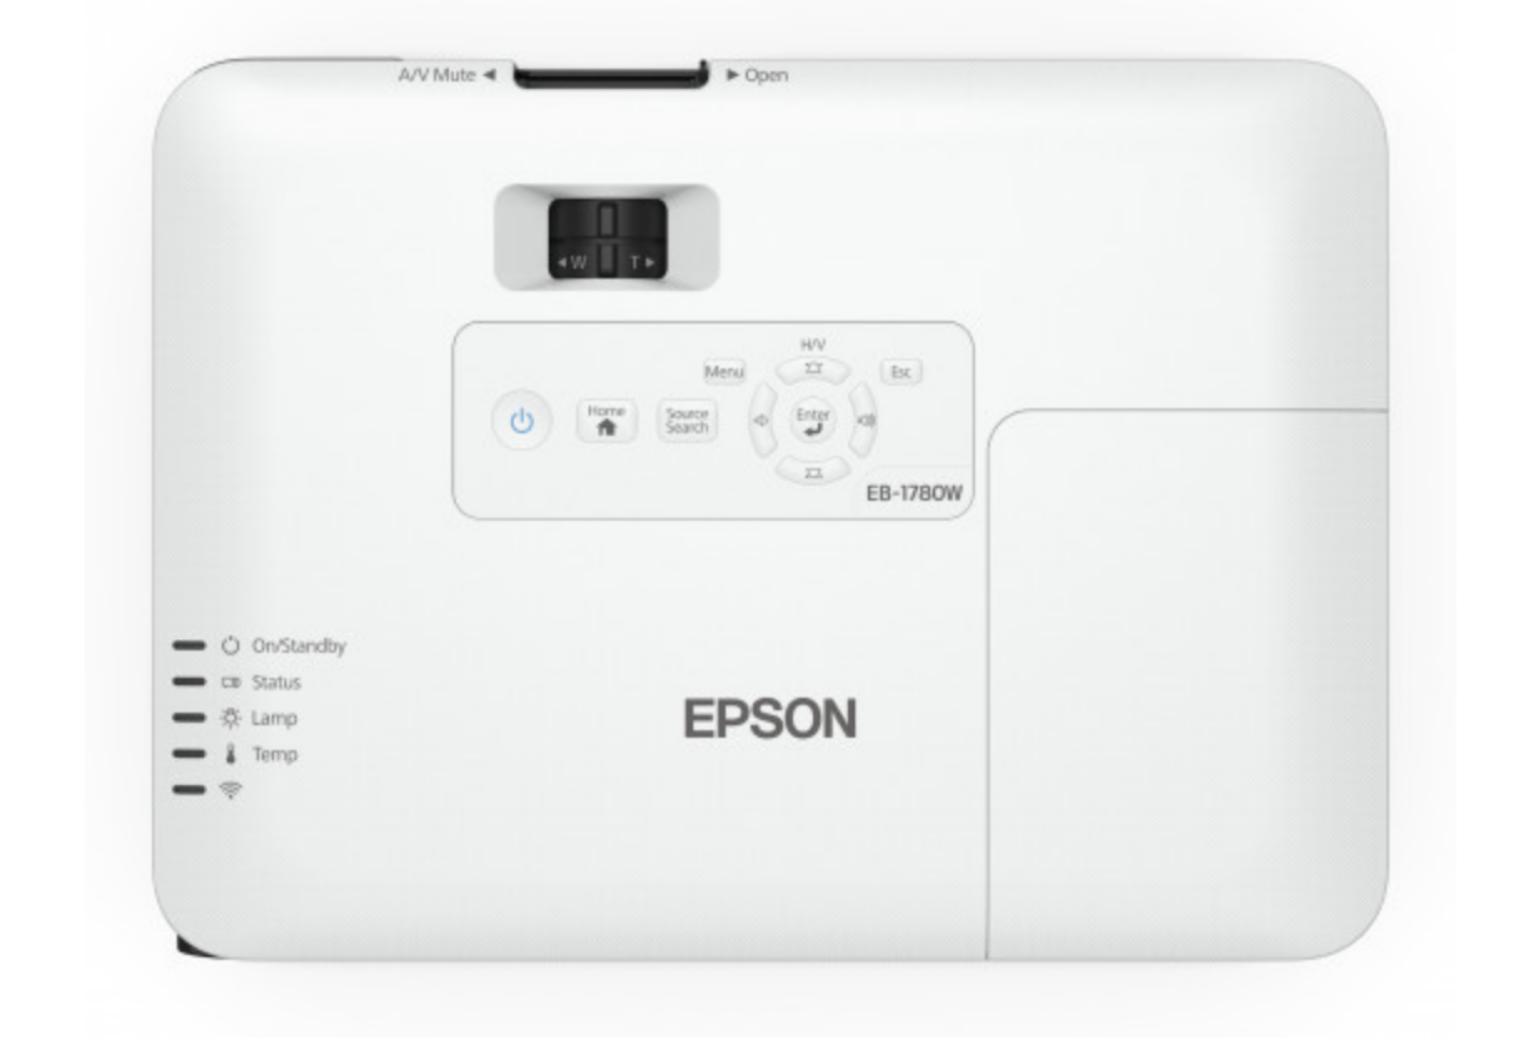 EPSON EB-1780W 1